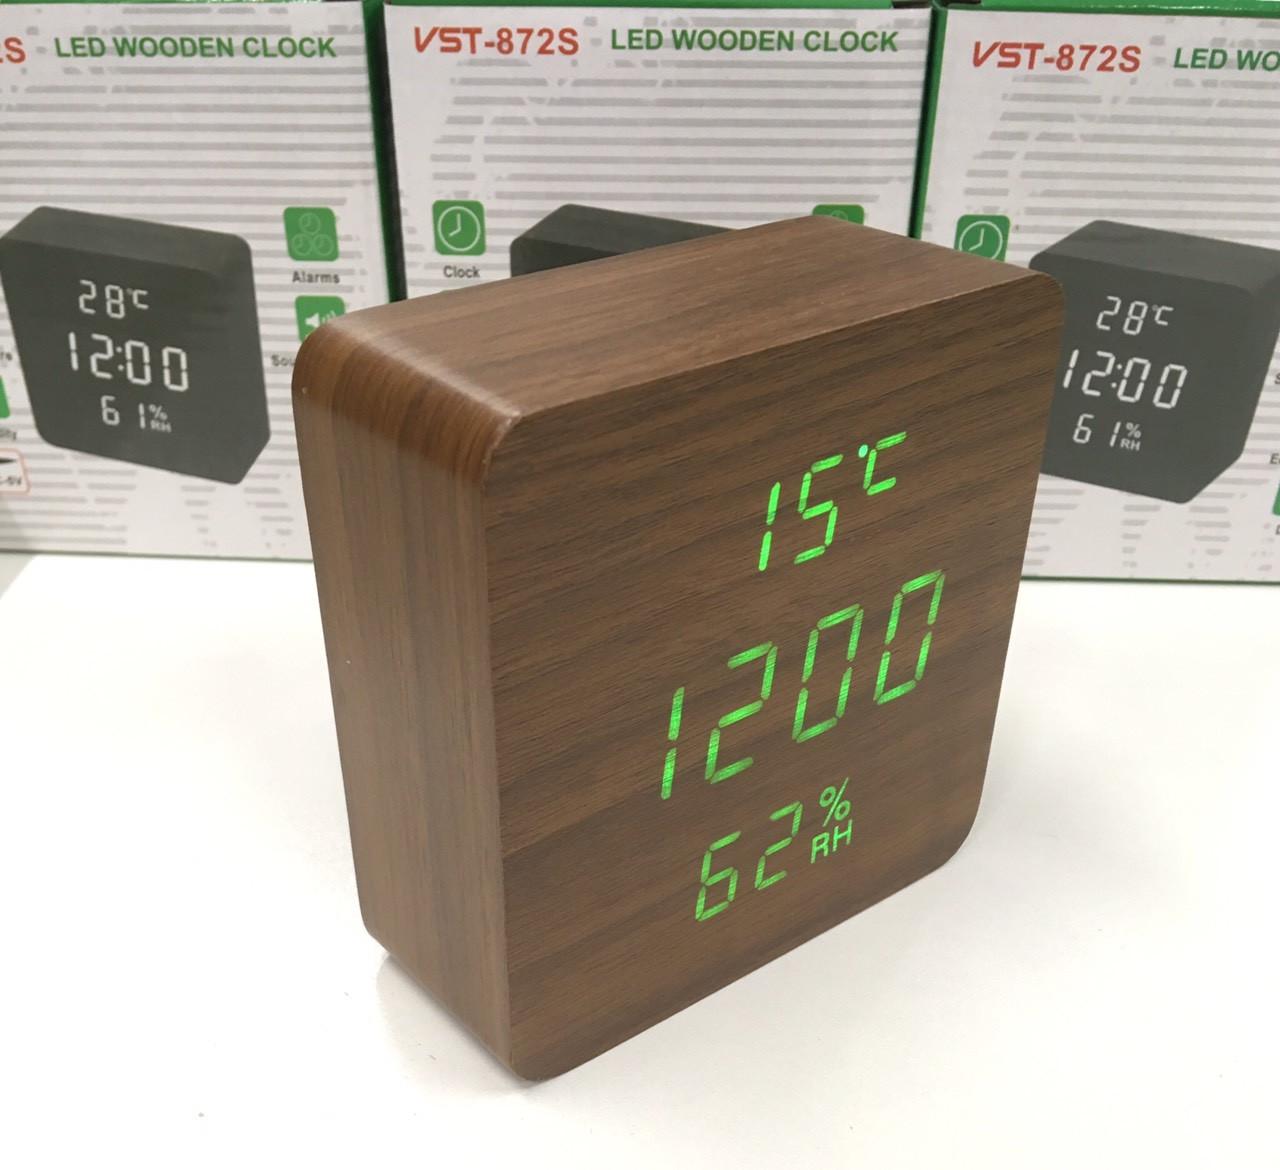 Настольные электронные часы VST-872S с будильником, датой, термометром, гигрометром в форме деревянного бруск